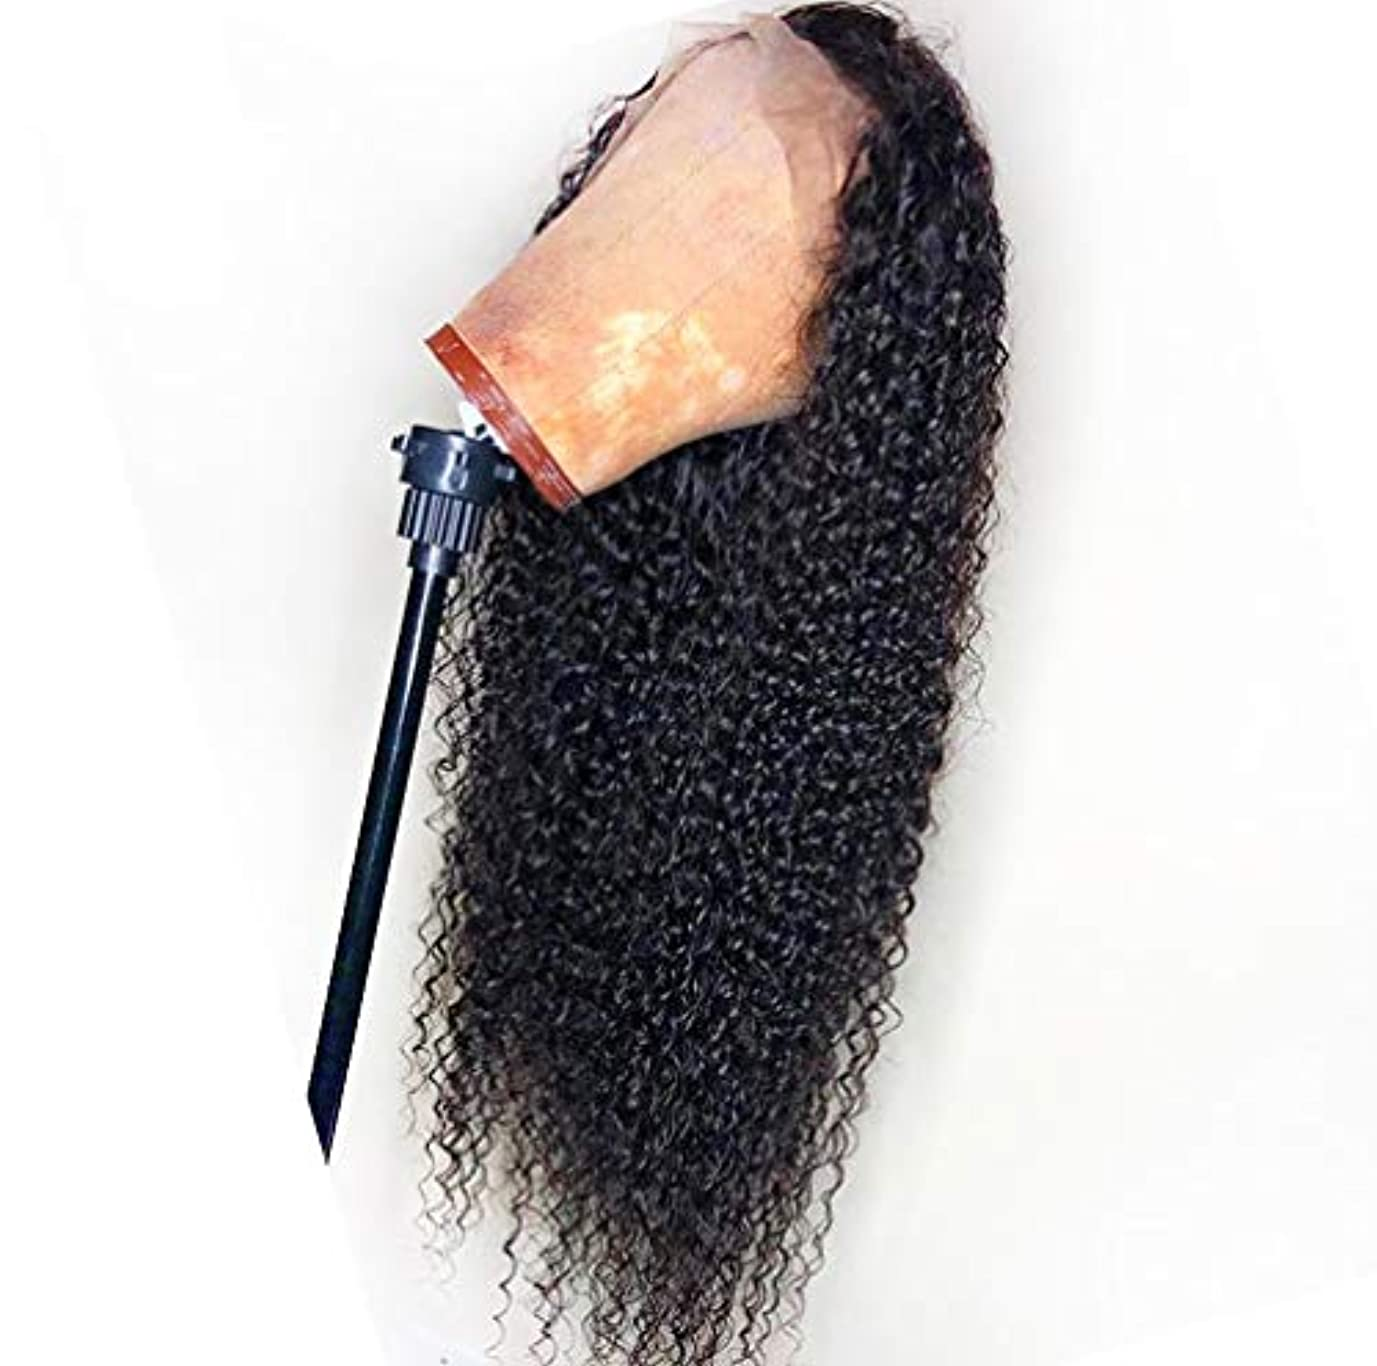 しないオプショナル太平洋諸島女性の人間の髪の毛のかつら13 * 6レースフロントボディ波100%バージンブラジルの人間の髪のレースフロントかつら自然なかつら